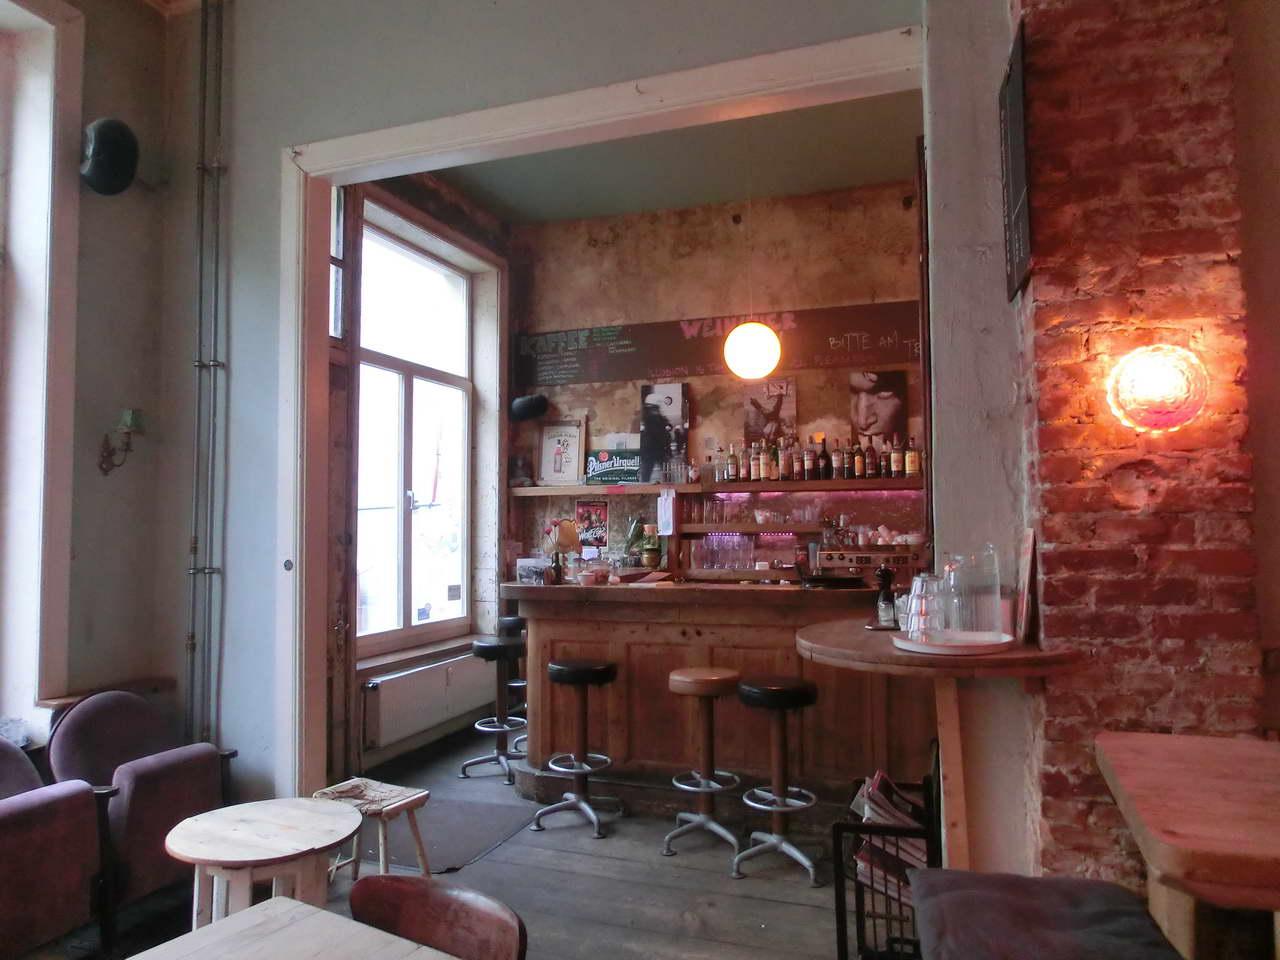 Kaffee-Stark-Innenraum